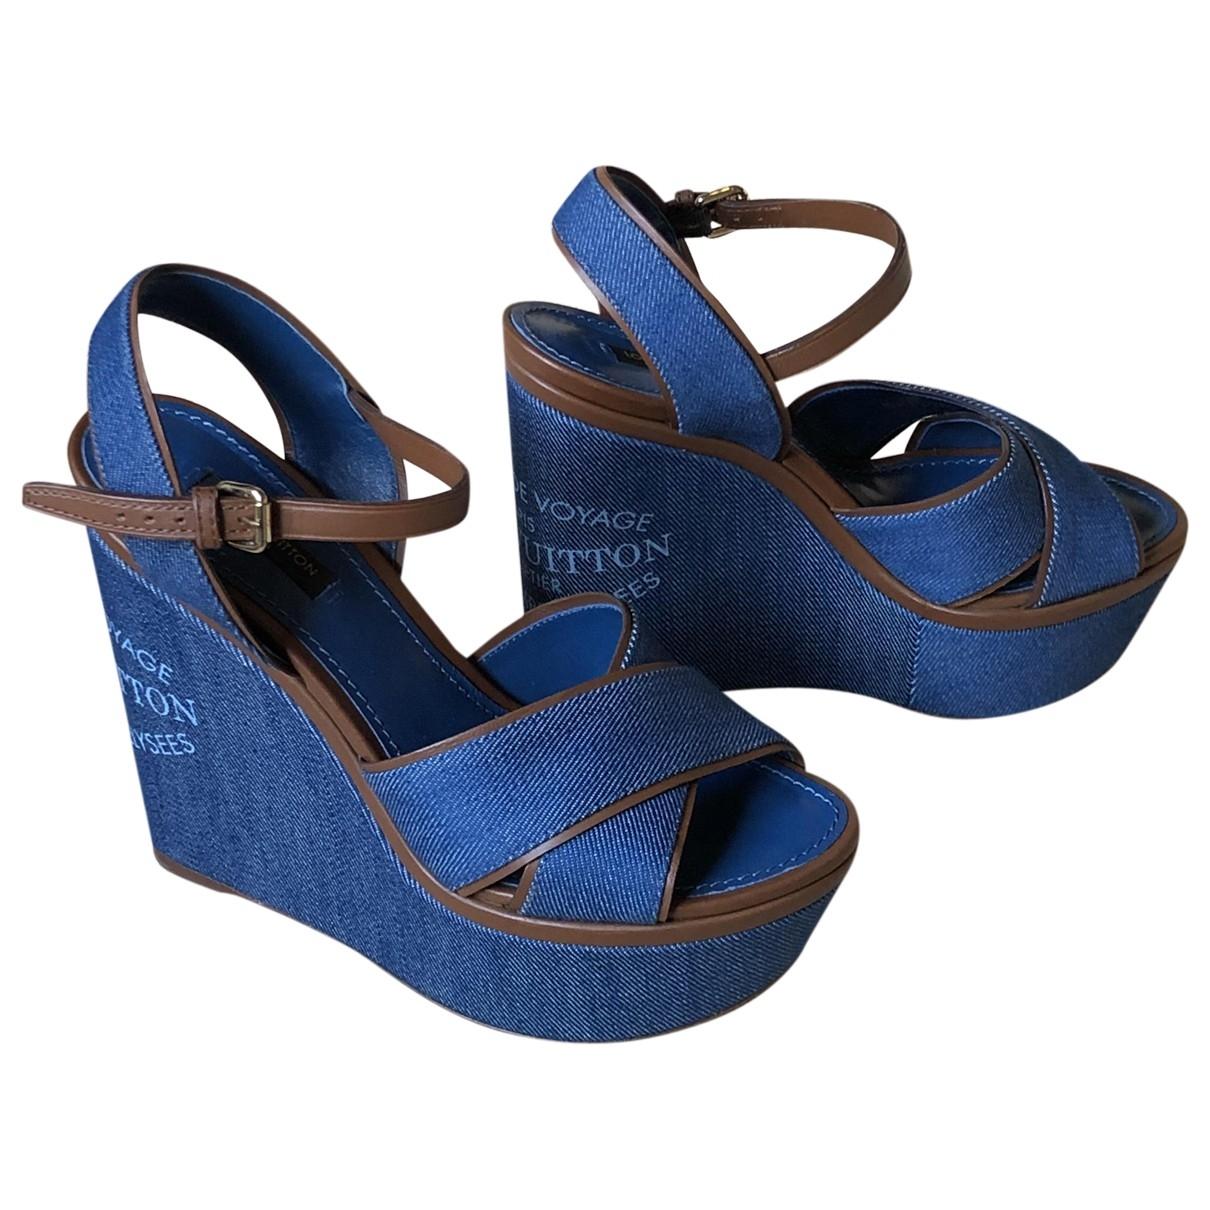 Louis Vuitton - Sandales   pour femme en toile - bleu